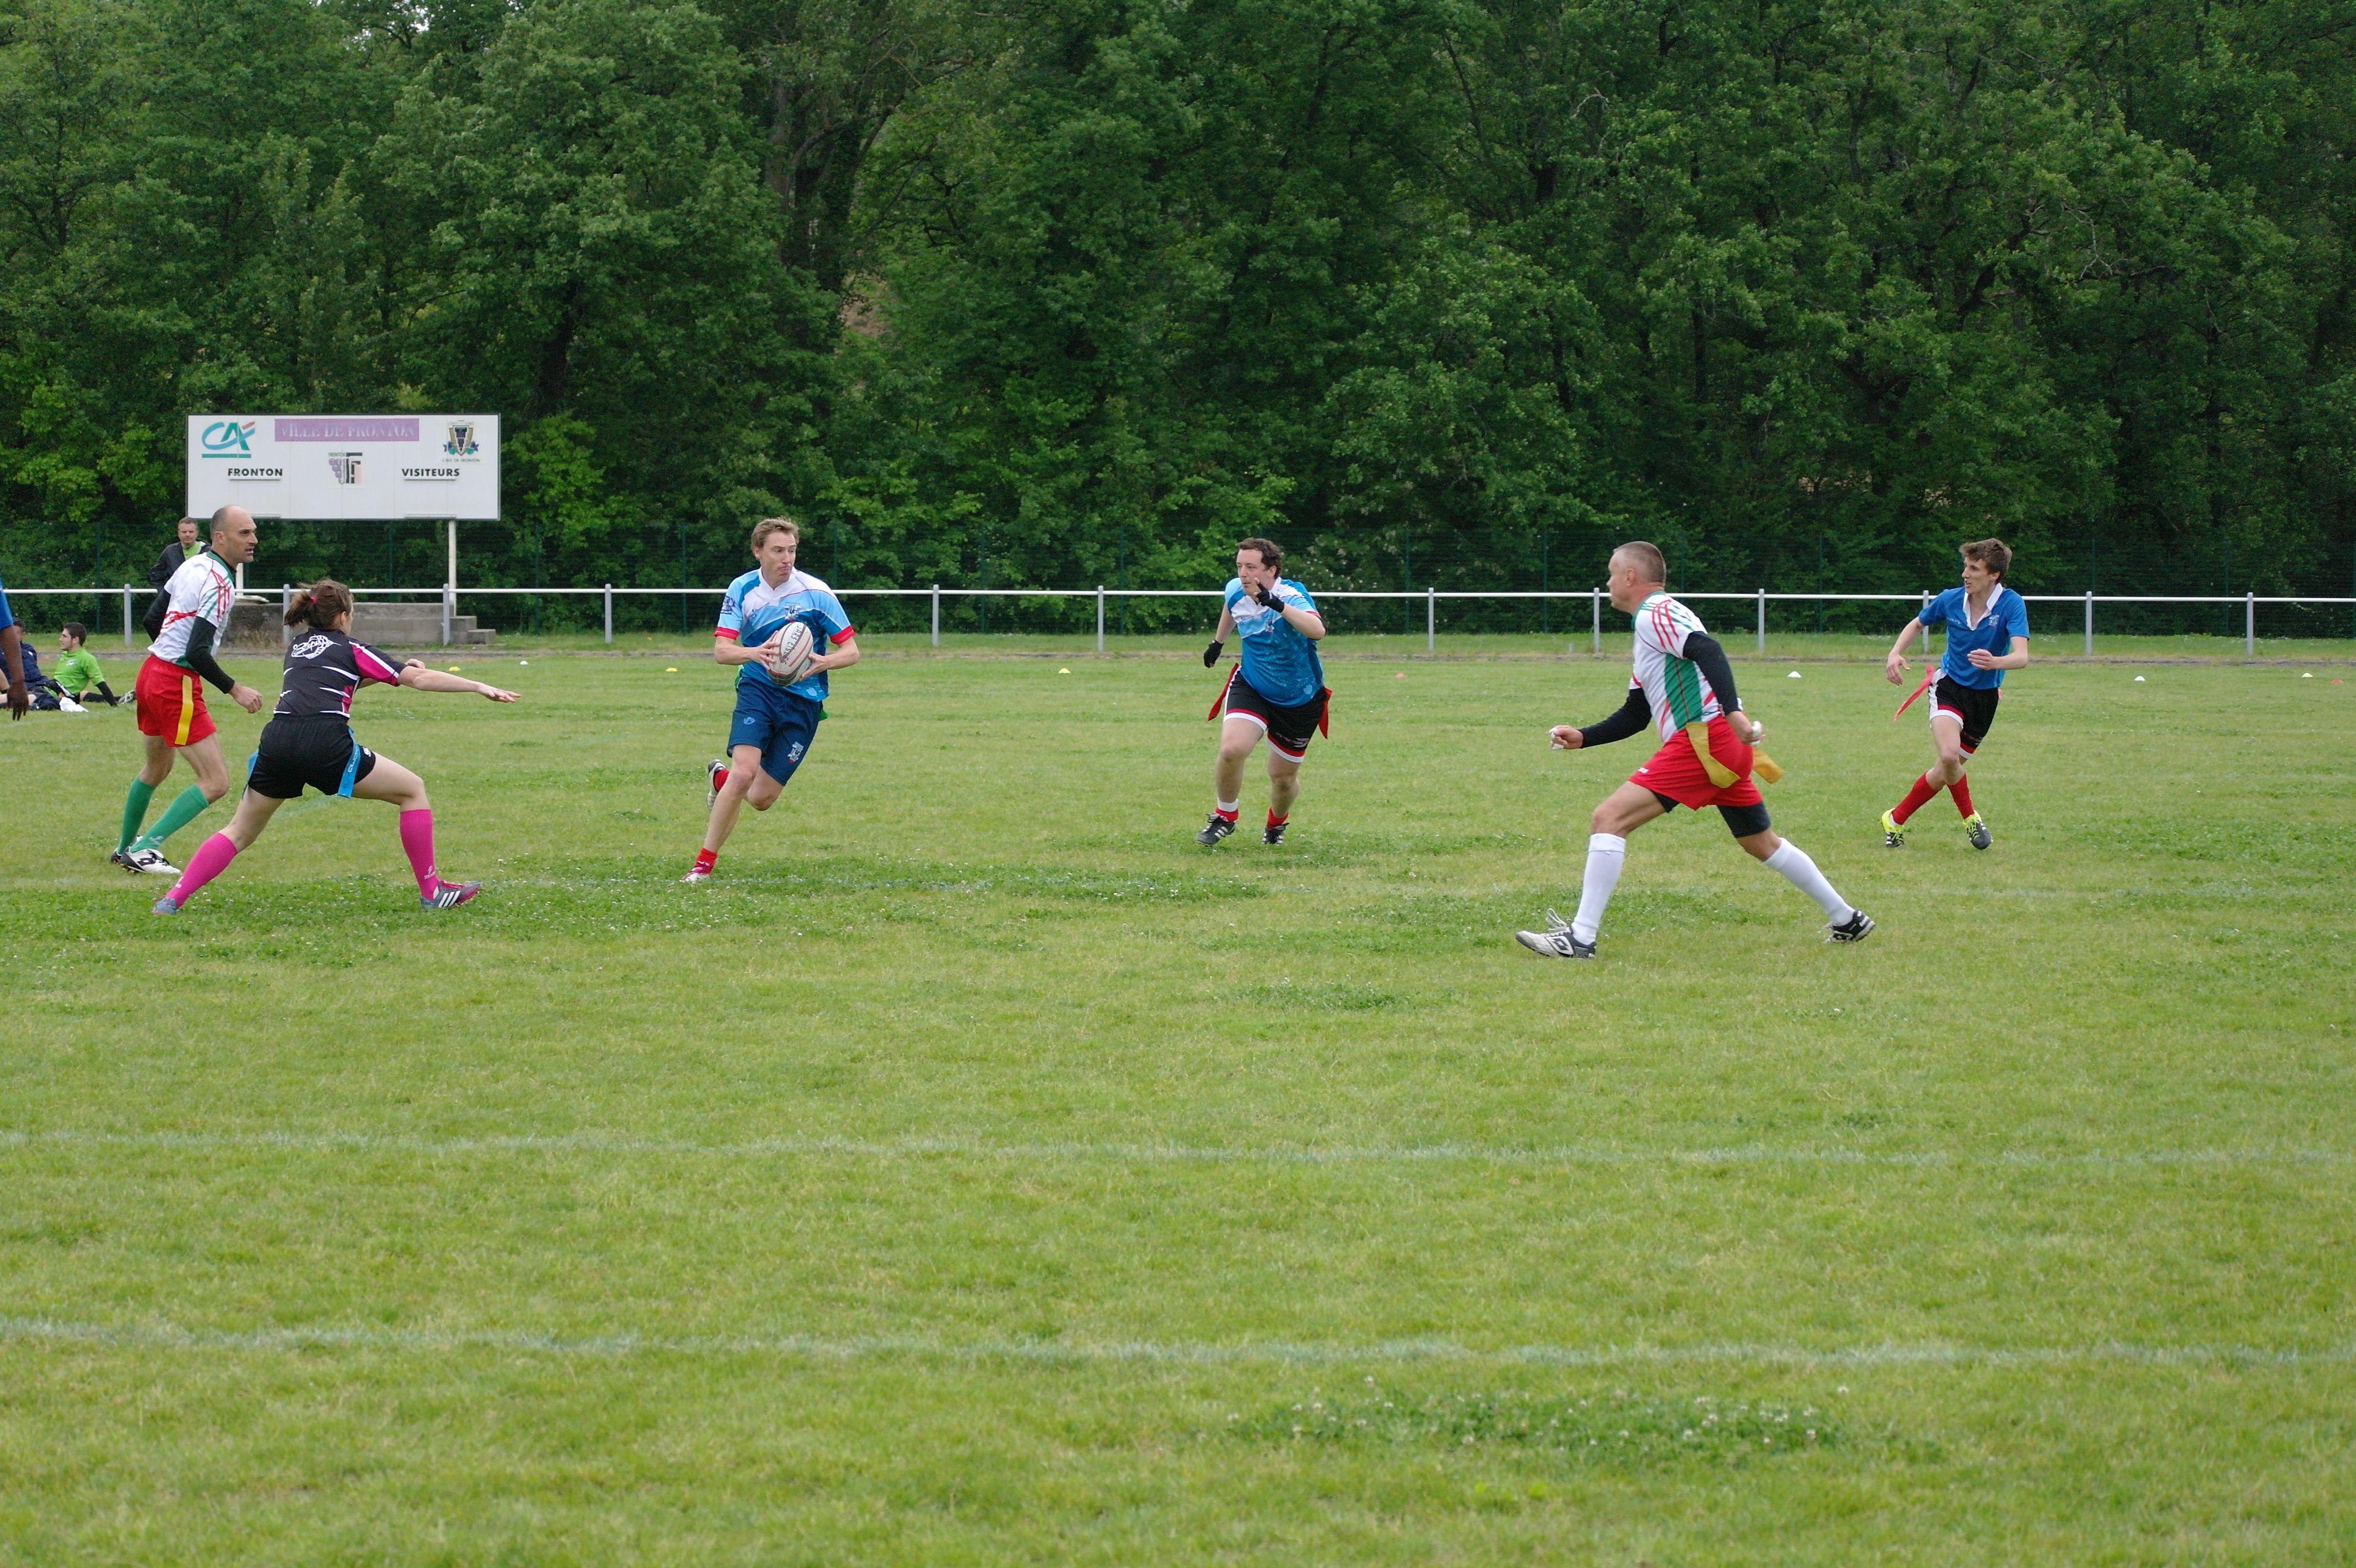 Contre Fronton, le match fut rude, mais l'équipe a réussi à se créer des espaces